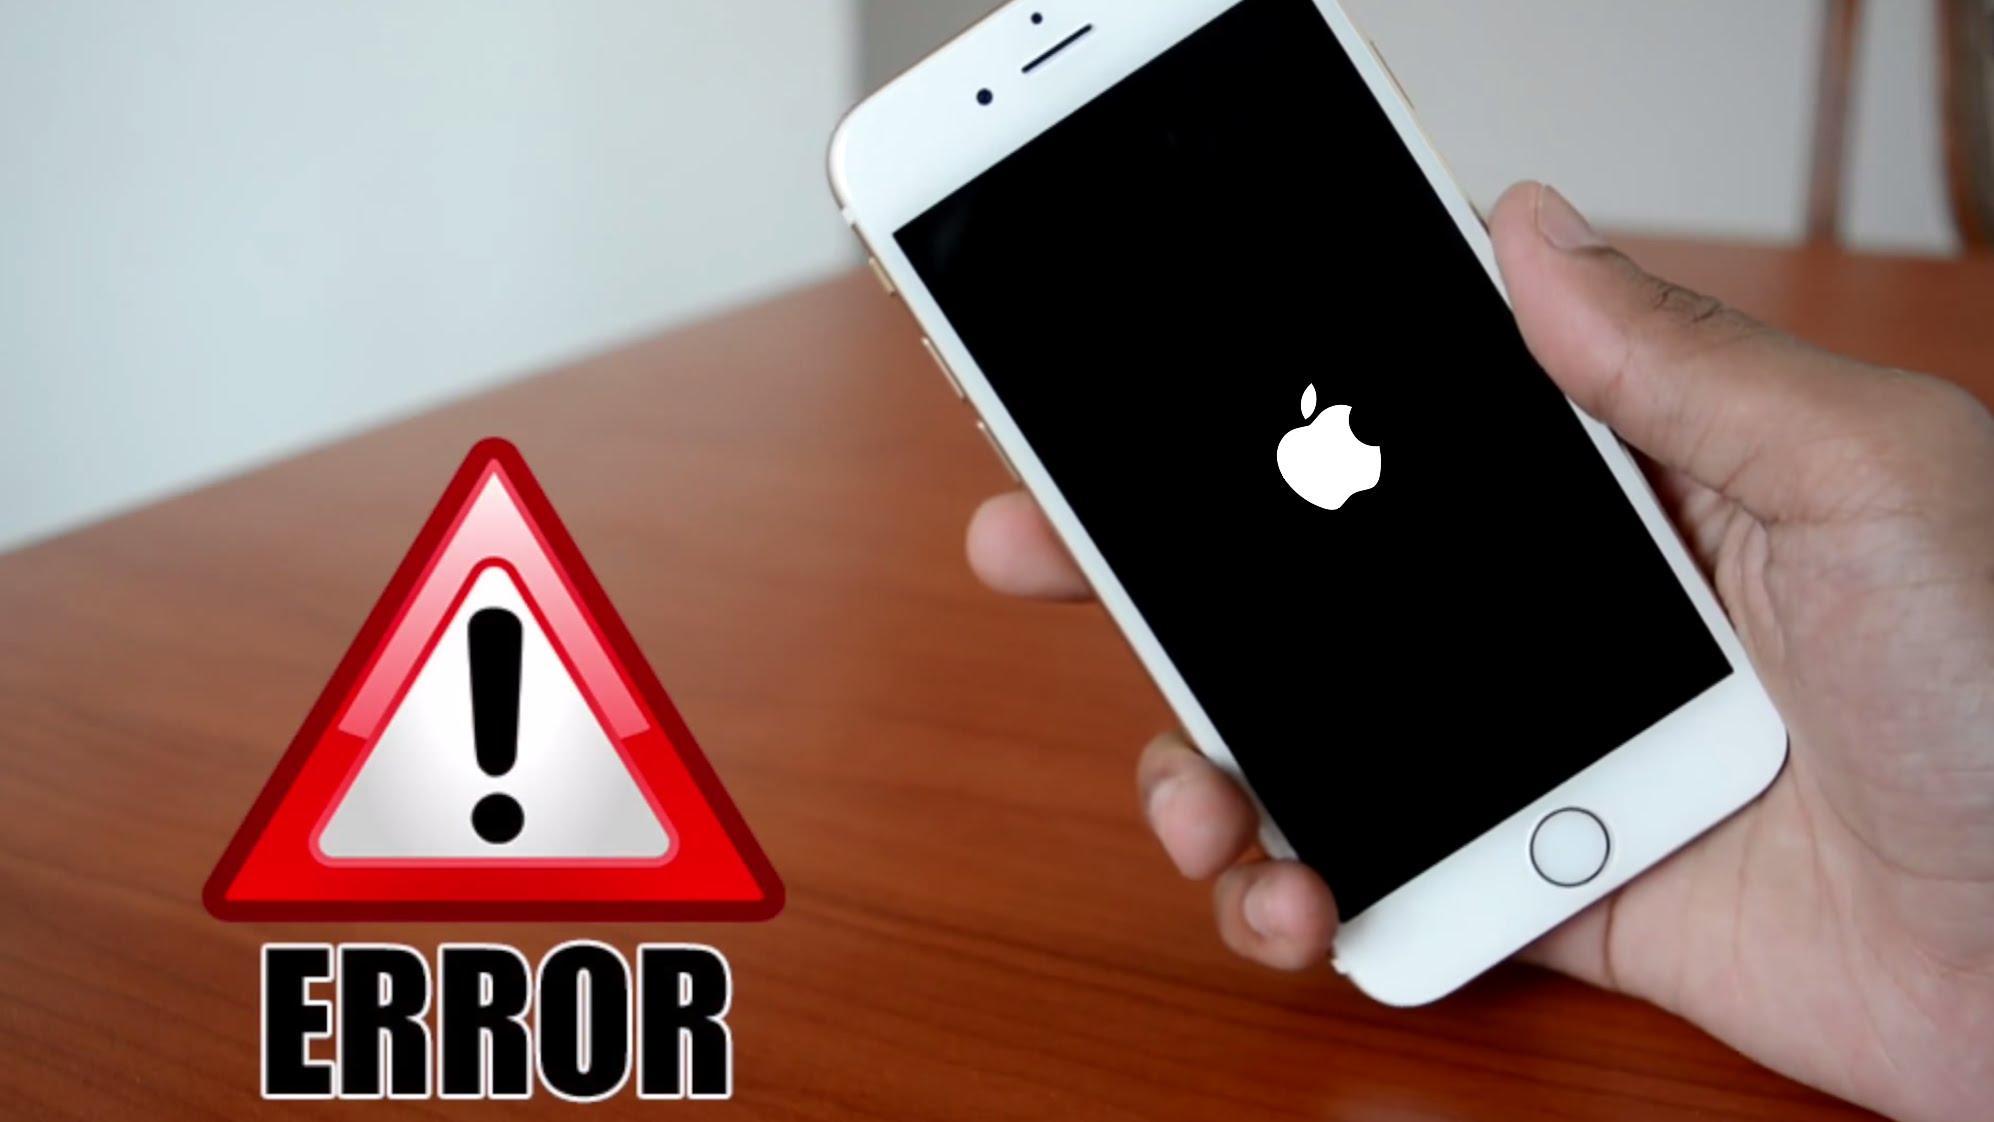 Как устранить ужасный баг в iOS 8, который может удалить все ваши файлы?